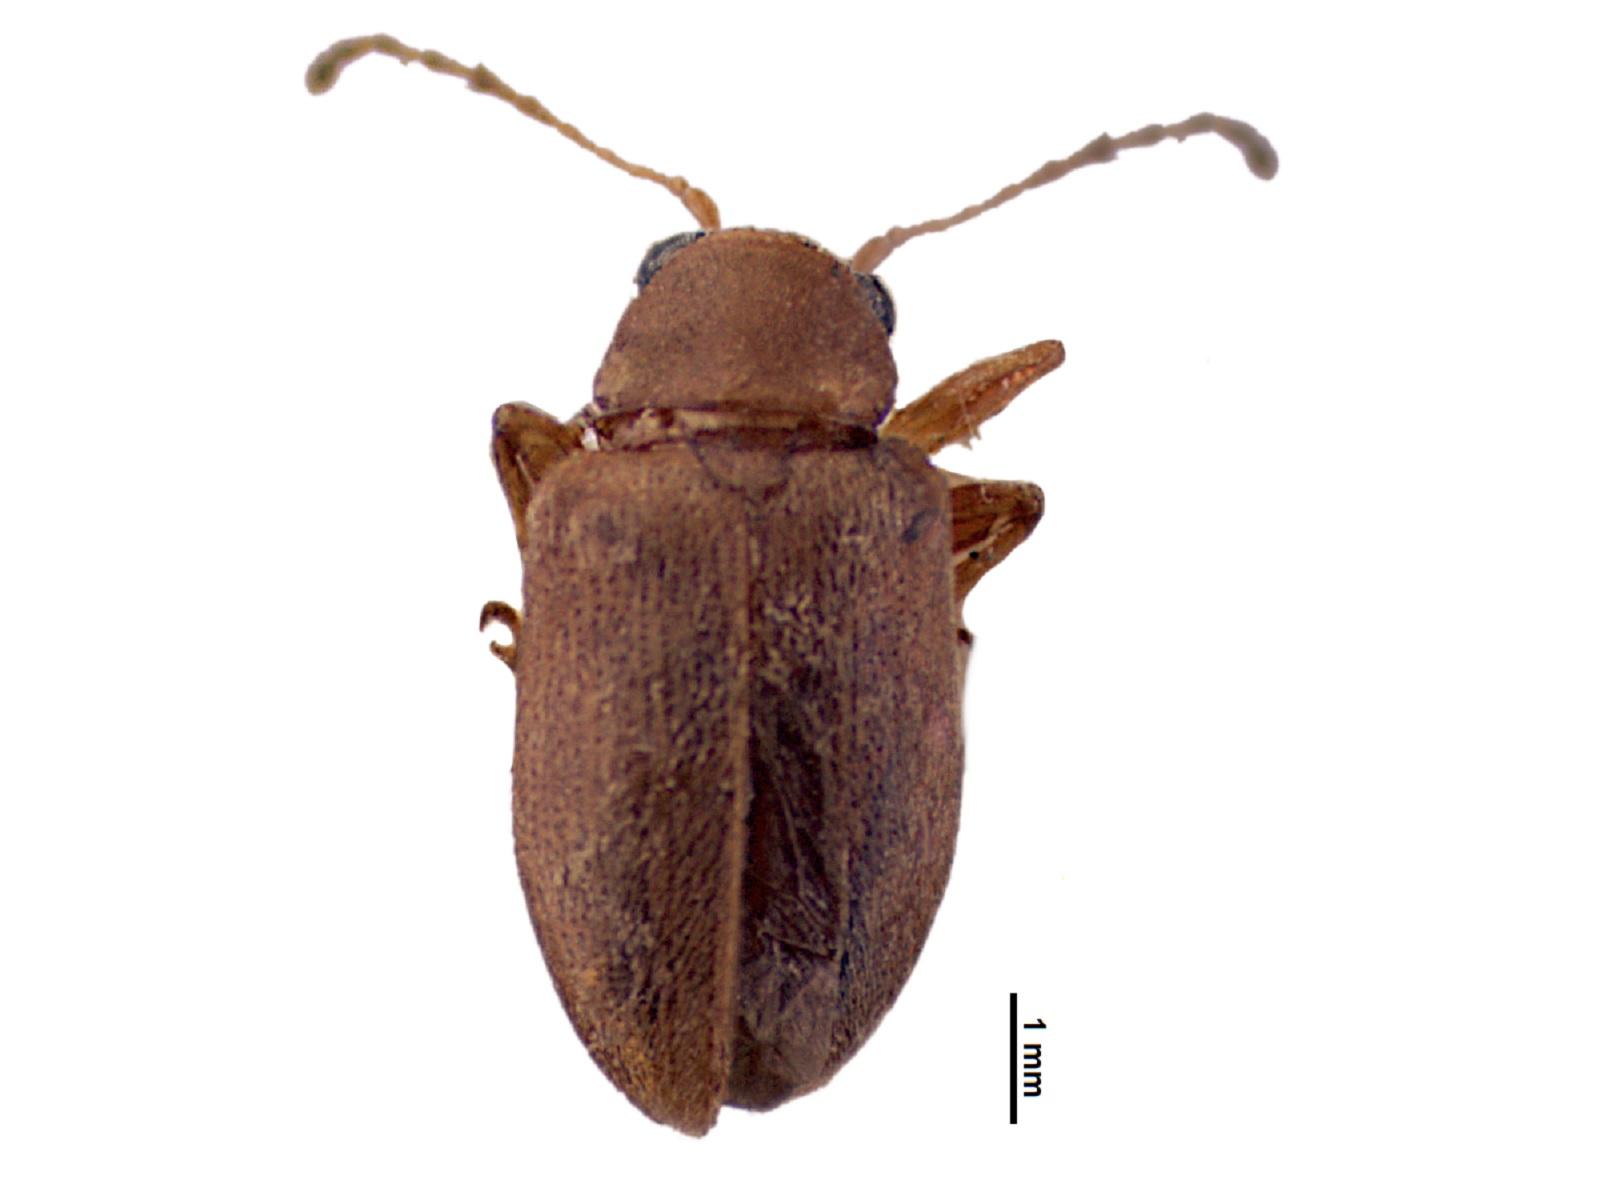 Habrophora sp.